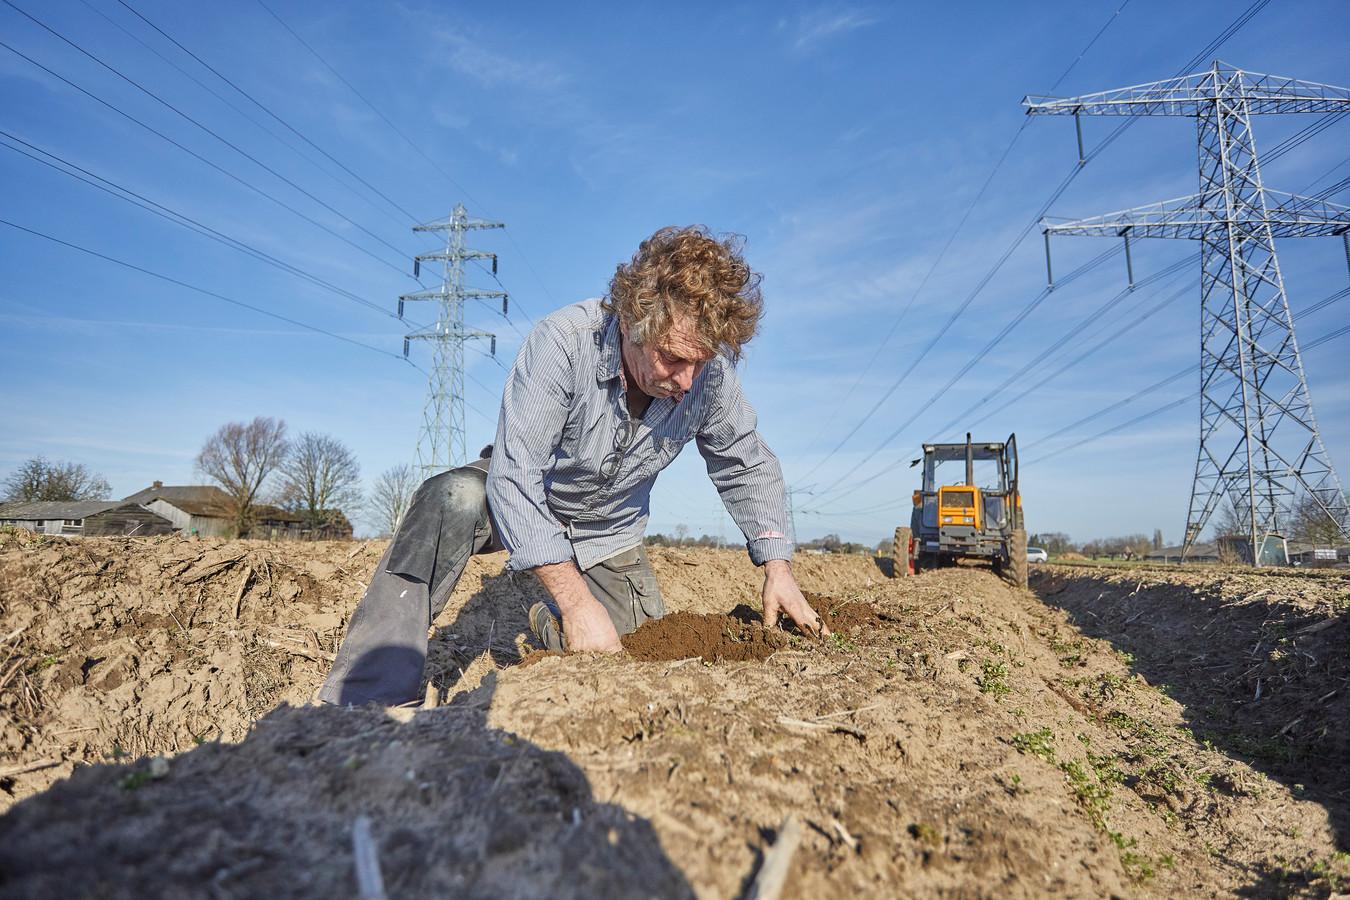 Aspergeboeren berijden zich voor, de vroege lente heeft ingezet. Zo ook aspergeteler Herman Eskes uit Vierakker. Hij controleert de groei van de asperges en rijdt met zijn trekker de ruggen nogmaals aan.